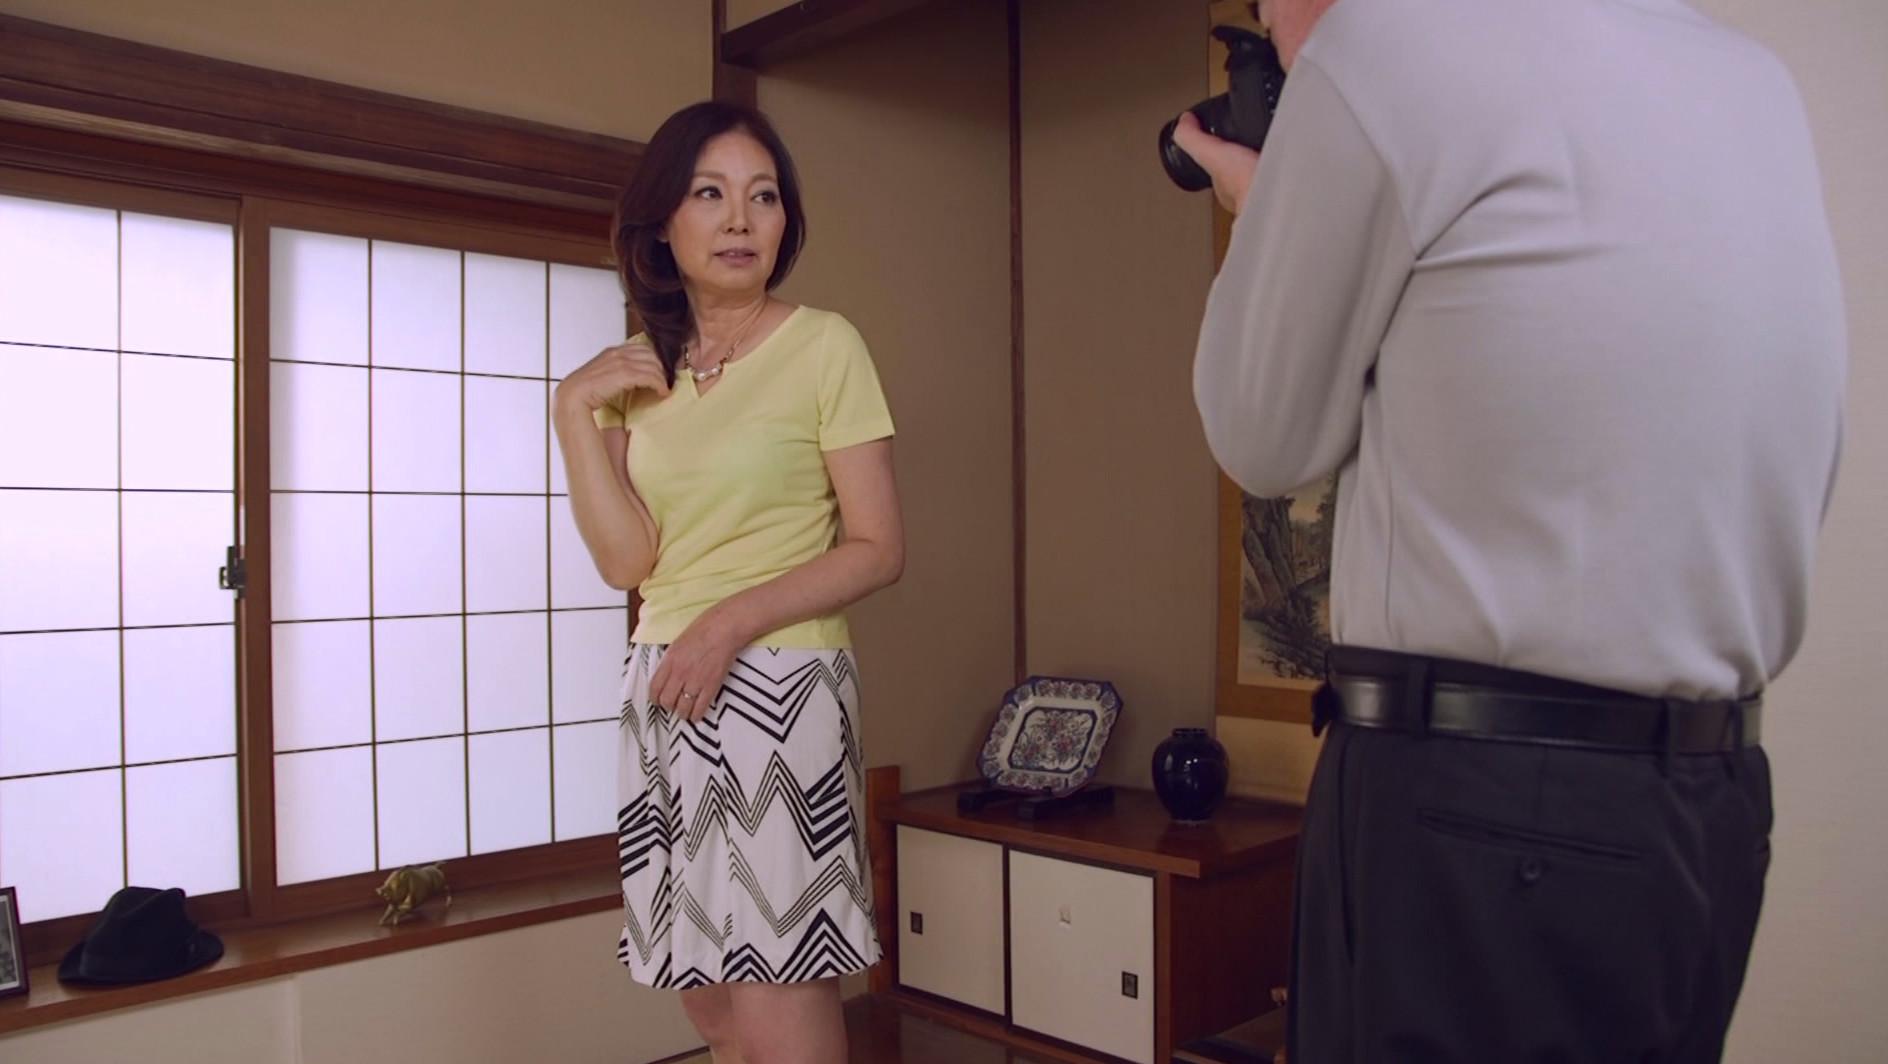 - エロ動画 アダルト動画 Tバック美少女4人がくすぐり攻めに挑戦1